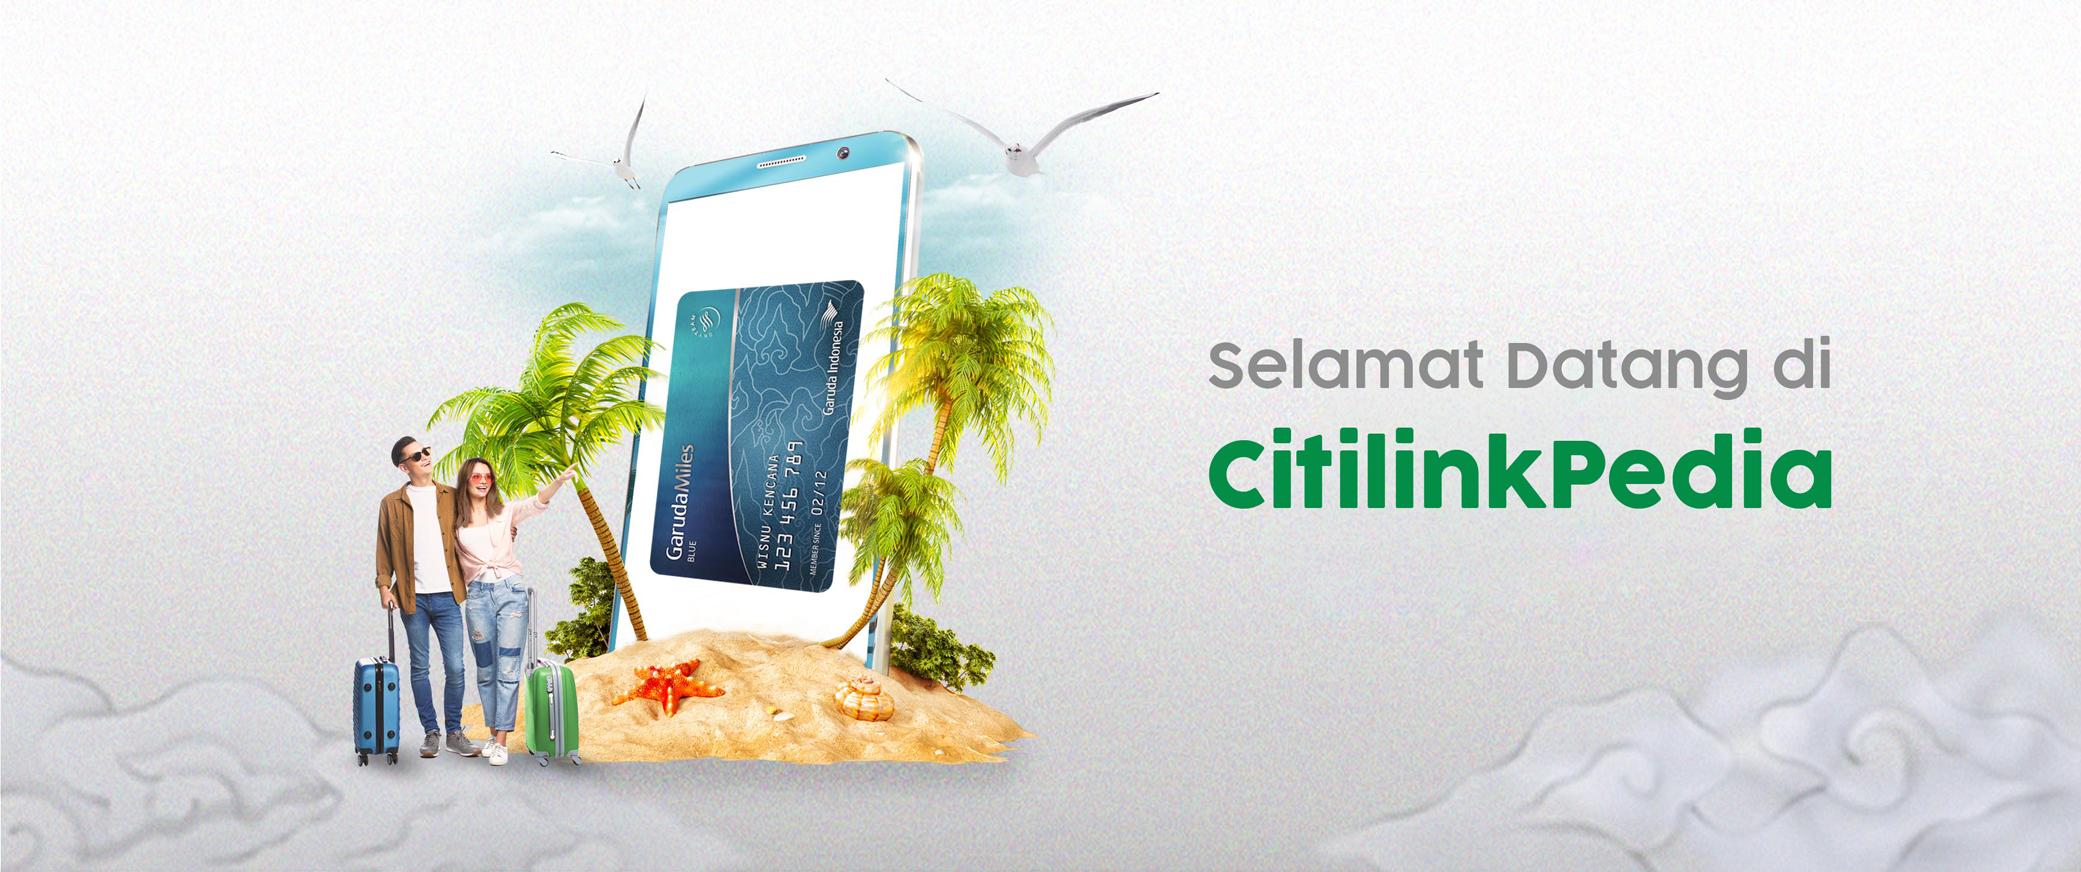 CitilinkPedia1